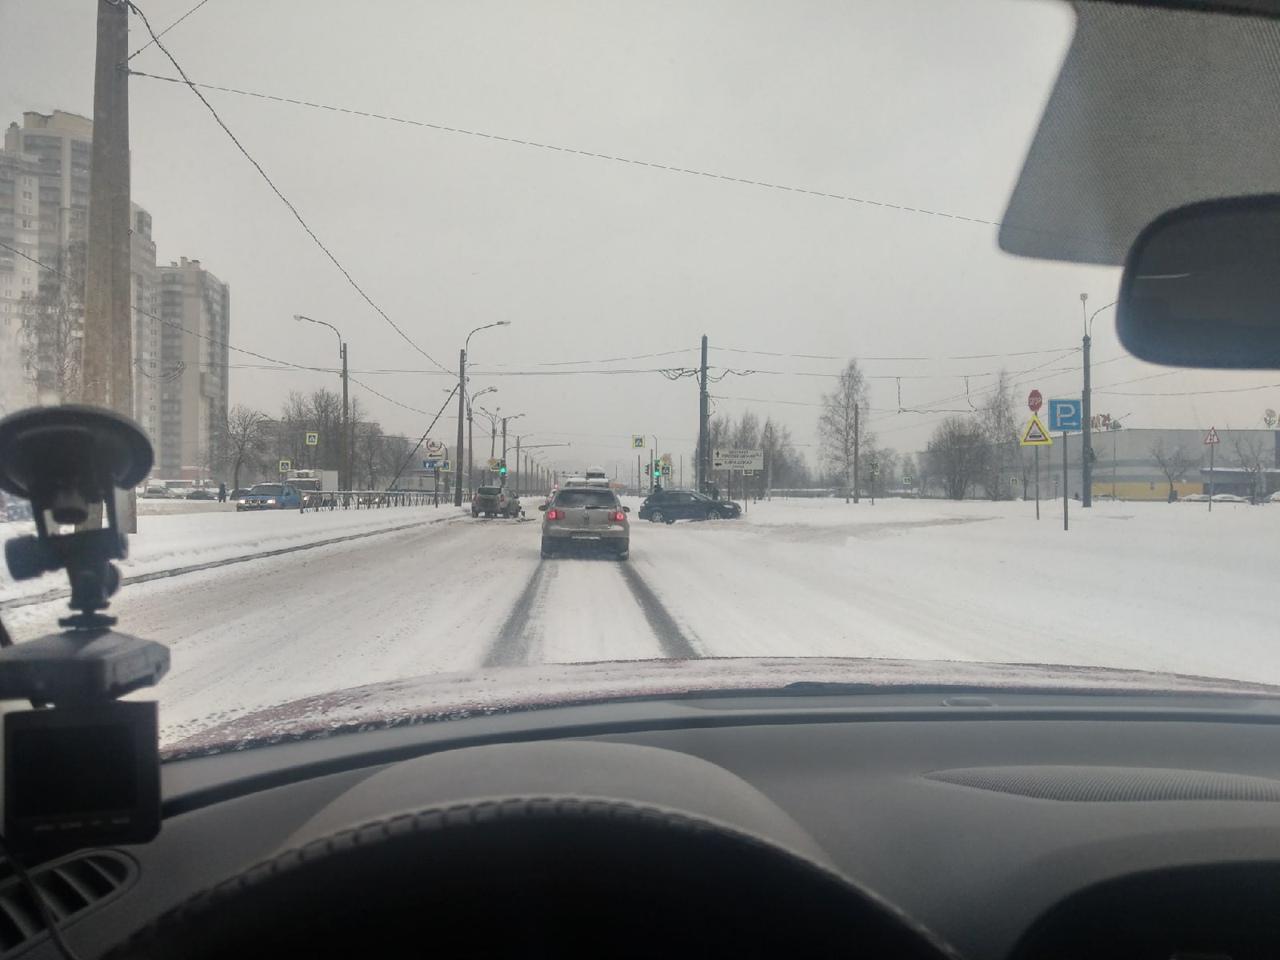 На перекрёстке Руставели и Киришской улицы Subaru улетел и цепанул Logan